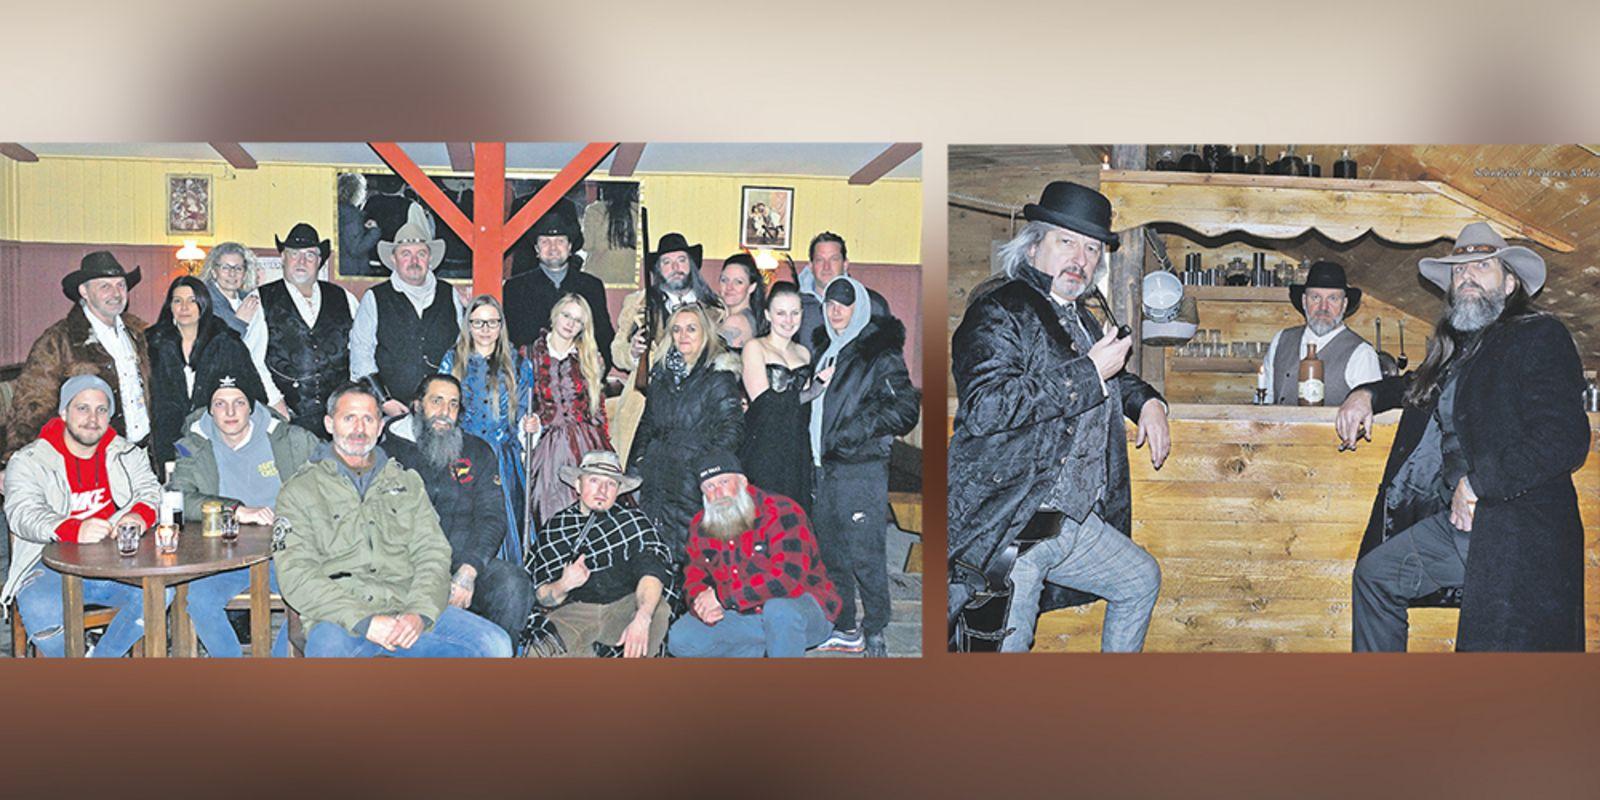 Western aus dem Lavanttal: Schießereien, reichlich Blut ...